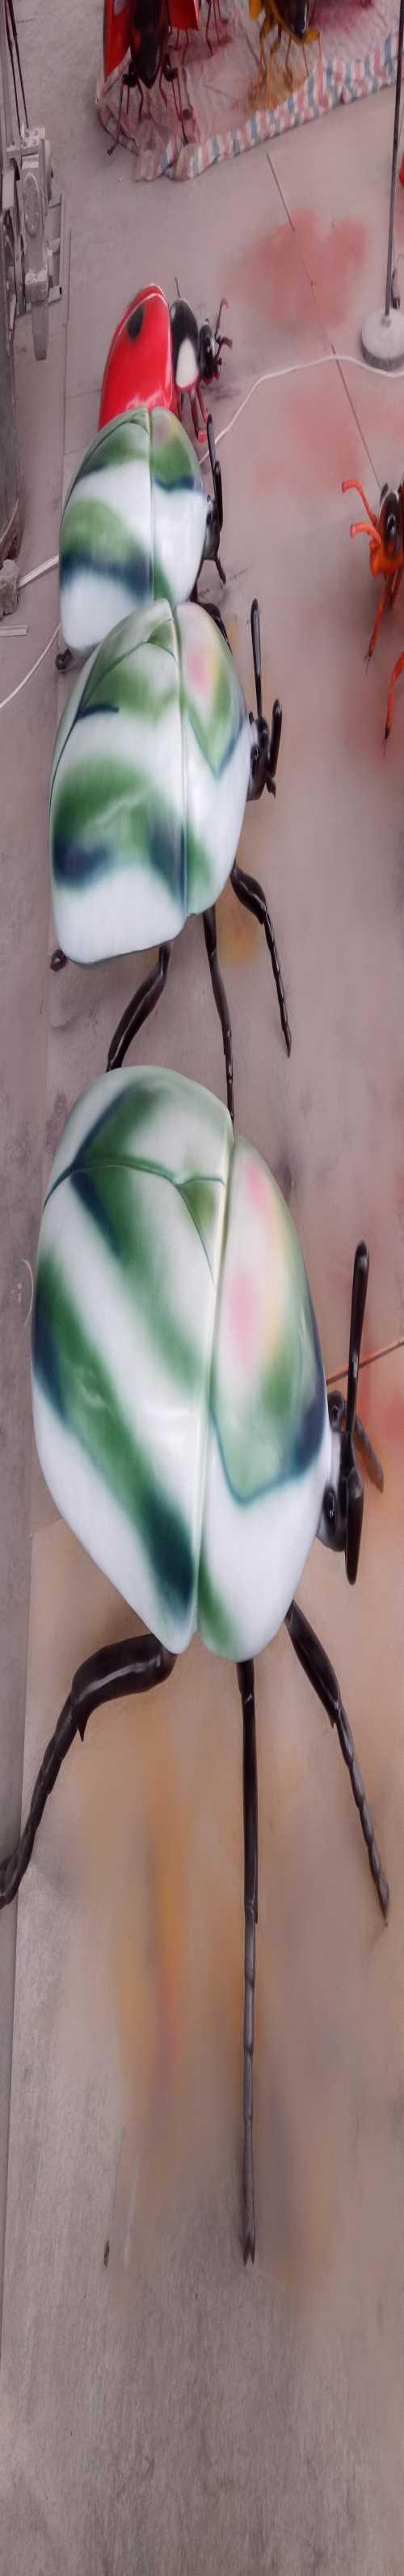 成都玻璃钢成品消费工艺 人物泡沫雕塑 大安区兴利玻璃钢成品厂